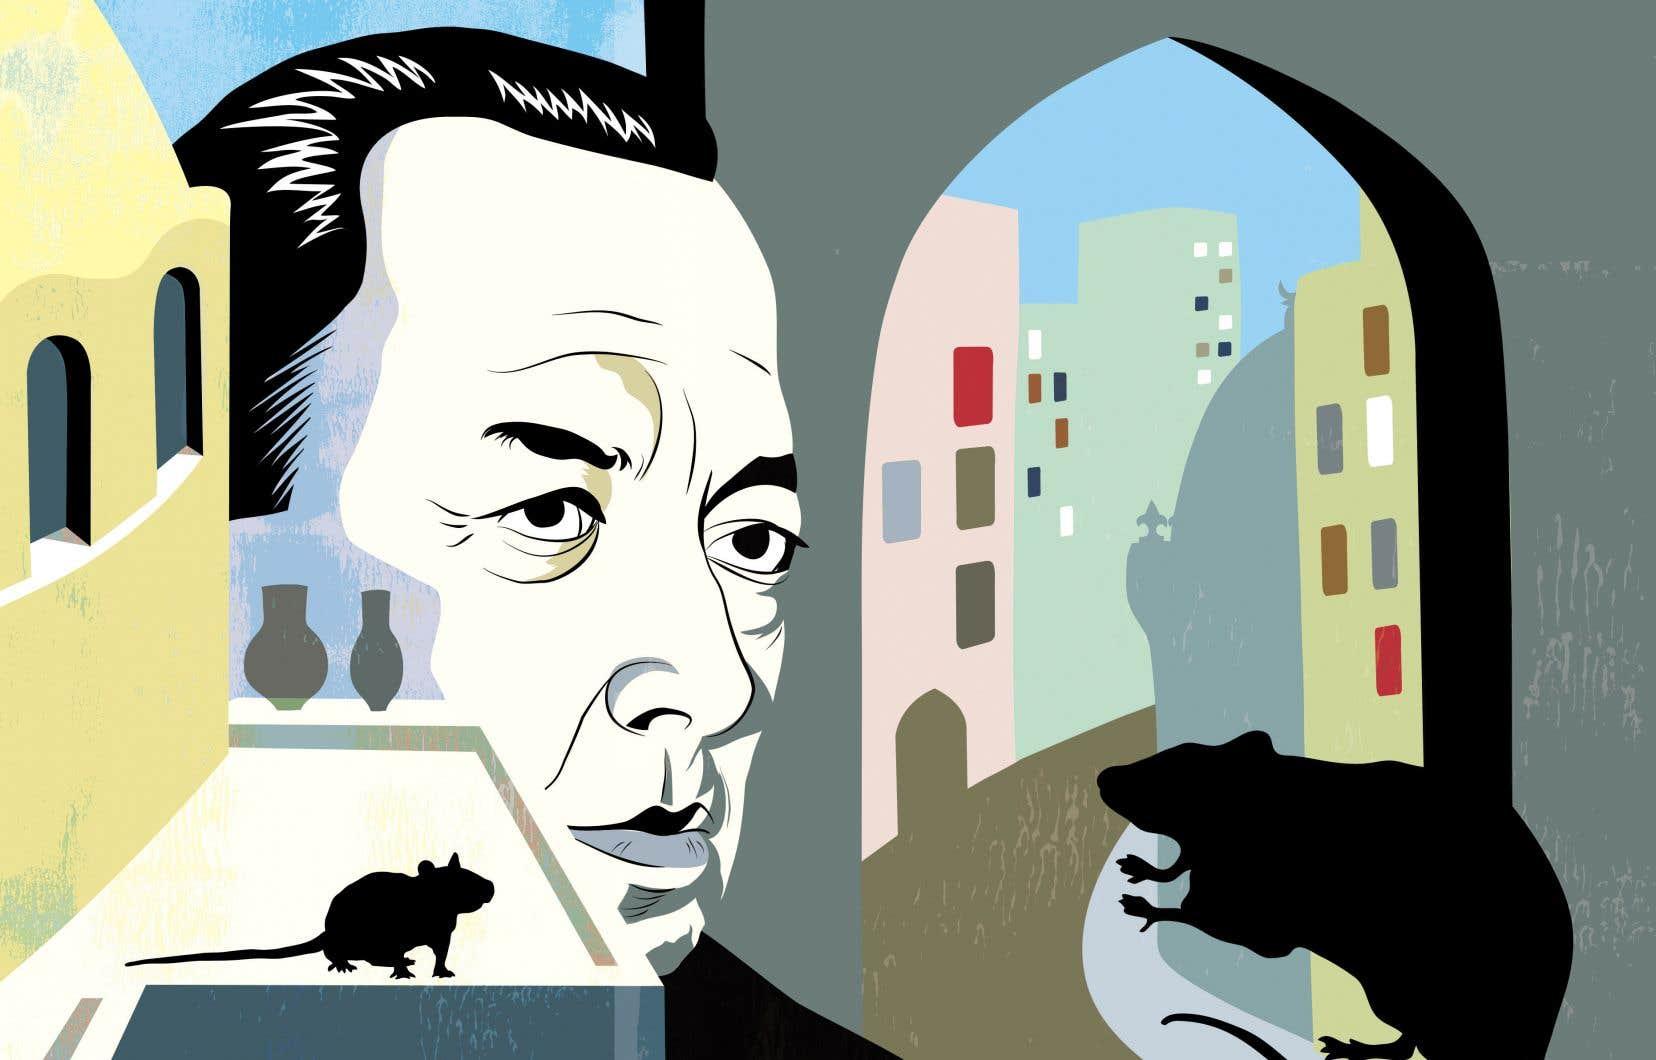 À travers les chroniques du docteur Bernard Rieux, porte-parole de Camus, le lecteur apprend qu'une peste sévit à Oran, ville de 200 000 habitants située en Algérie. La ville sera isolée pendant plusieurs mois. La peste s'était d'abord annoncée par une invasion de rats avant de se répandre chez les humains.